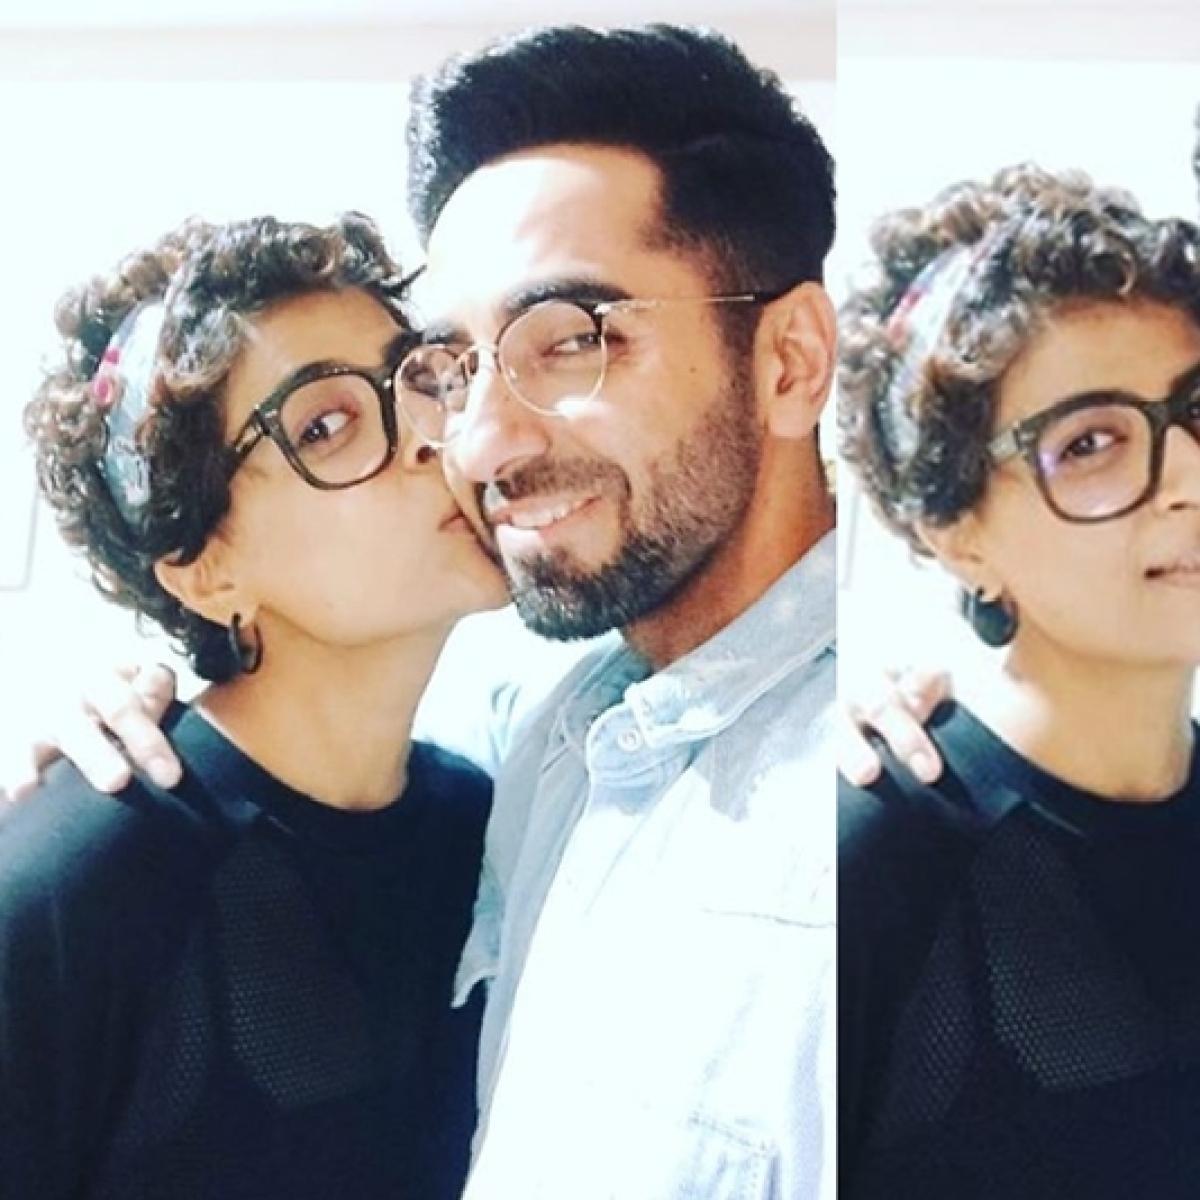 Here's how Tahira Kashyap made husband Ayushmann Khurrana's birthday special